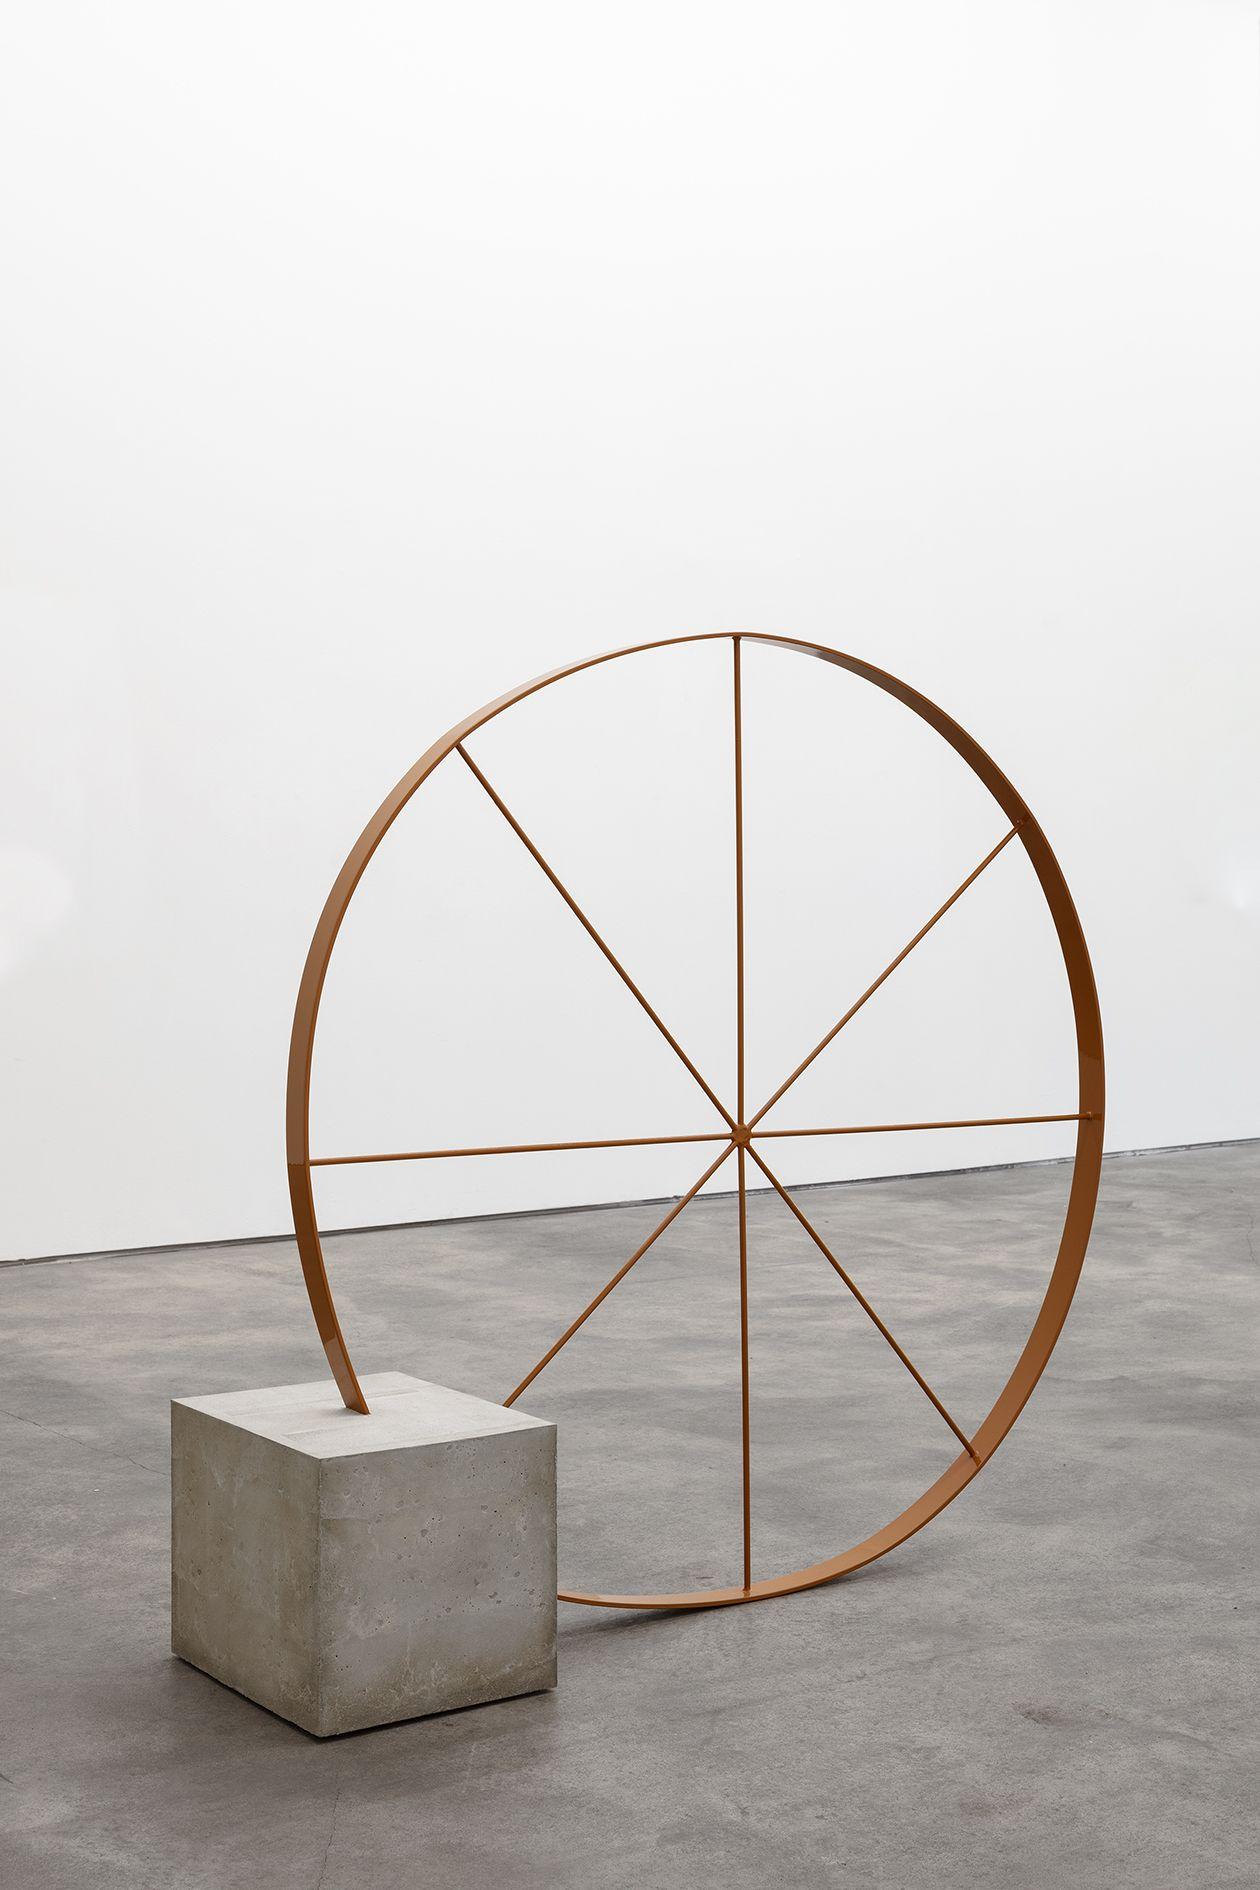 Gary Hume – Gary Hume – Berlin